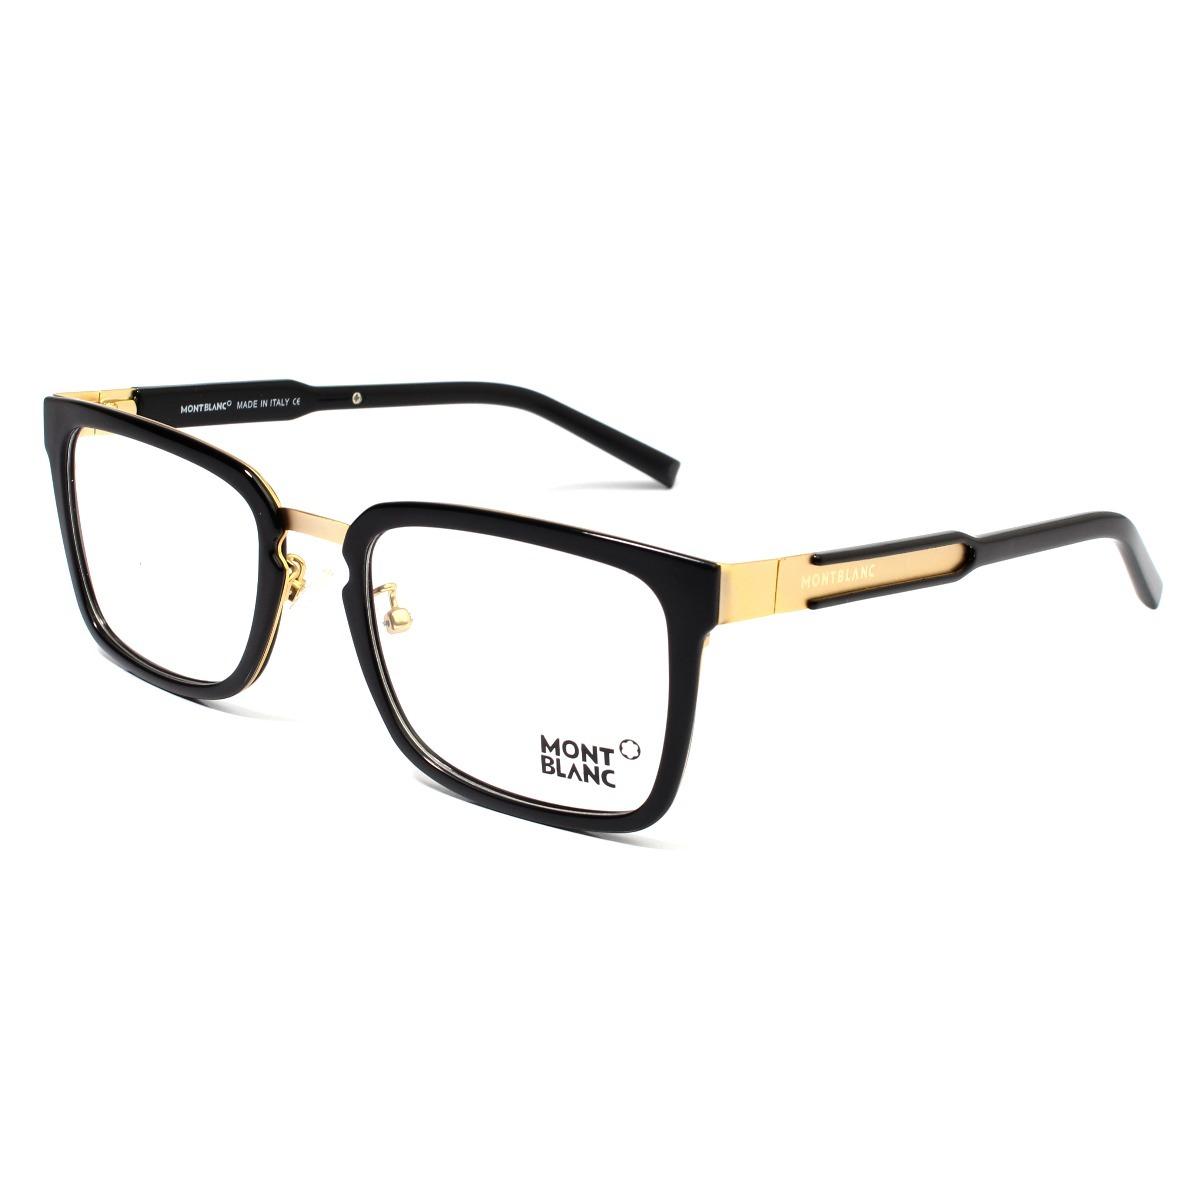 8cfa106a700ab armação óculos de grau masculino mont blanc mb0612 acetato. Carregando zoom.